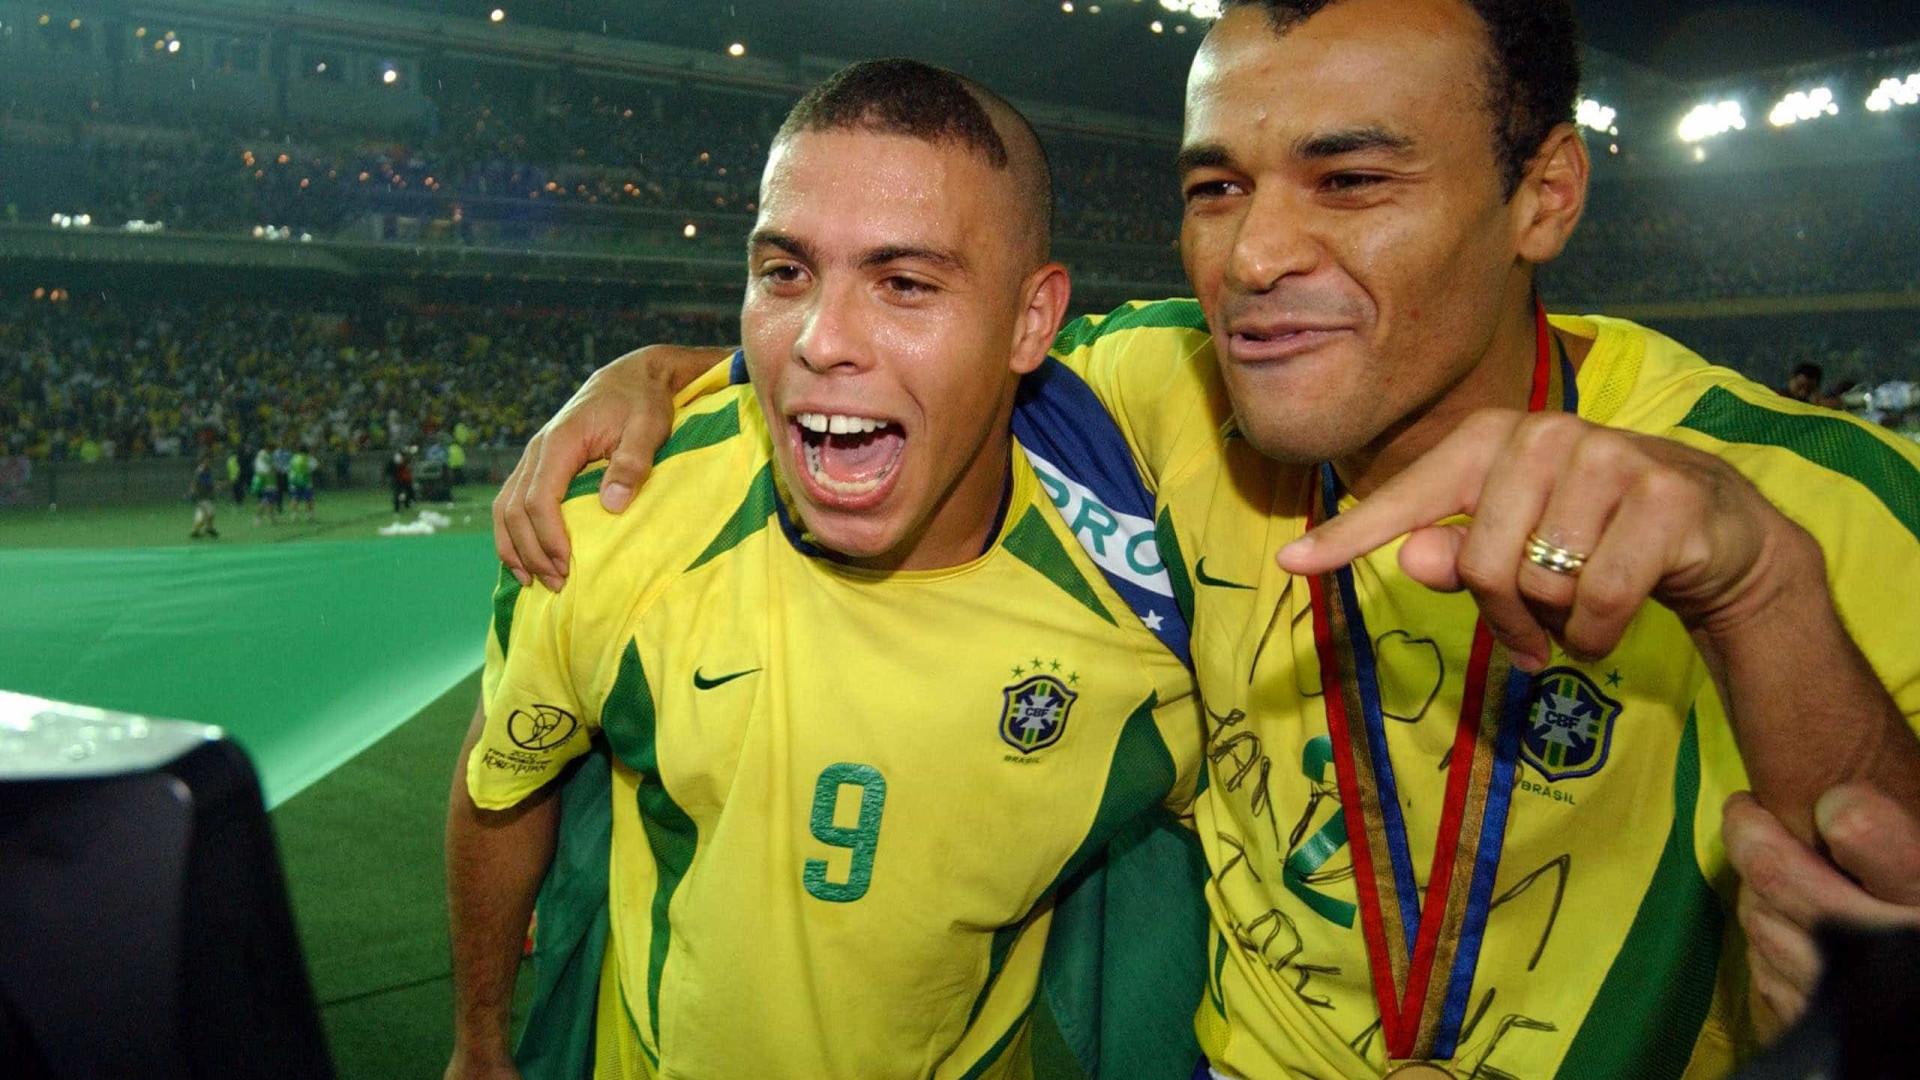 Com eliminação alemã, Brasil segue como único pentacampeão até 2022